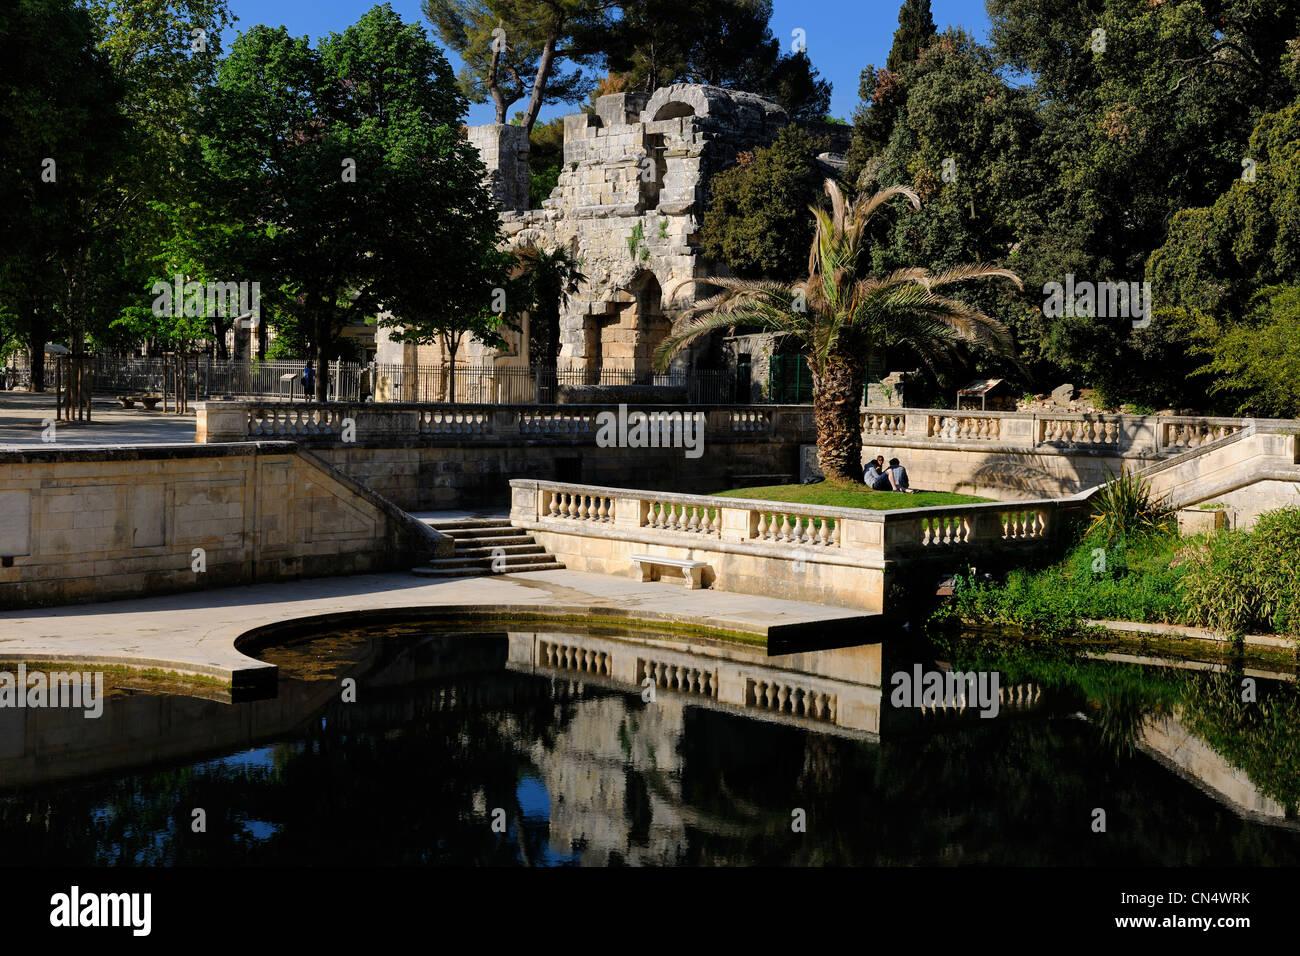 France Gard Nimes Fountain Gardens Stock Photos France Gard